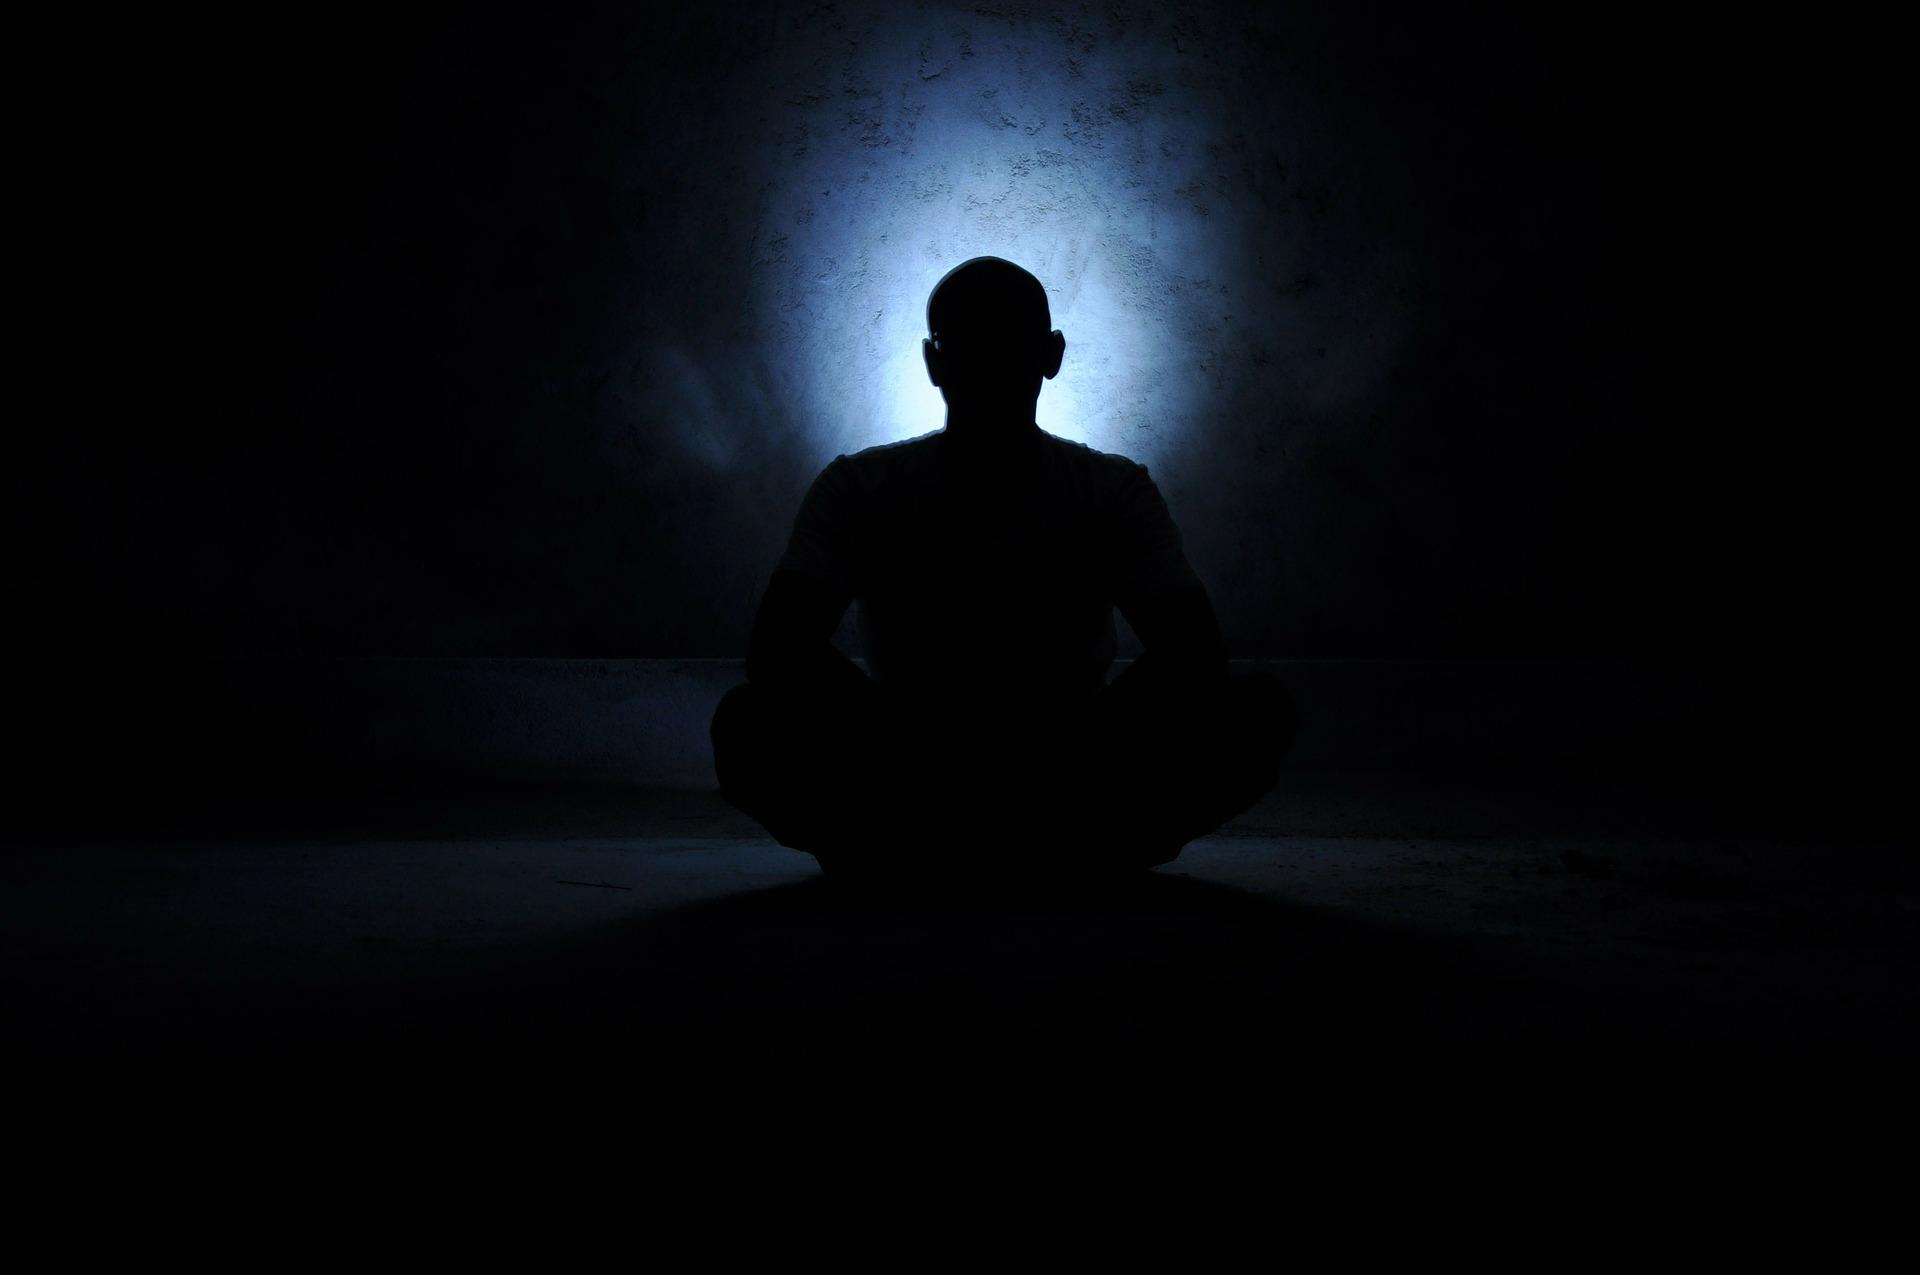 男の影と光